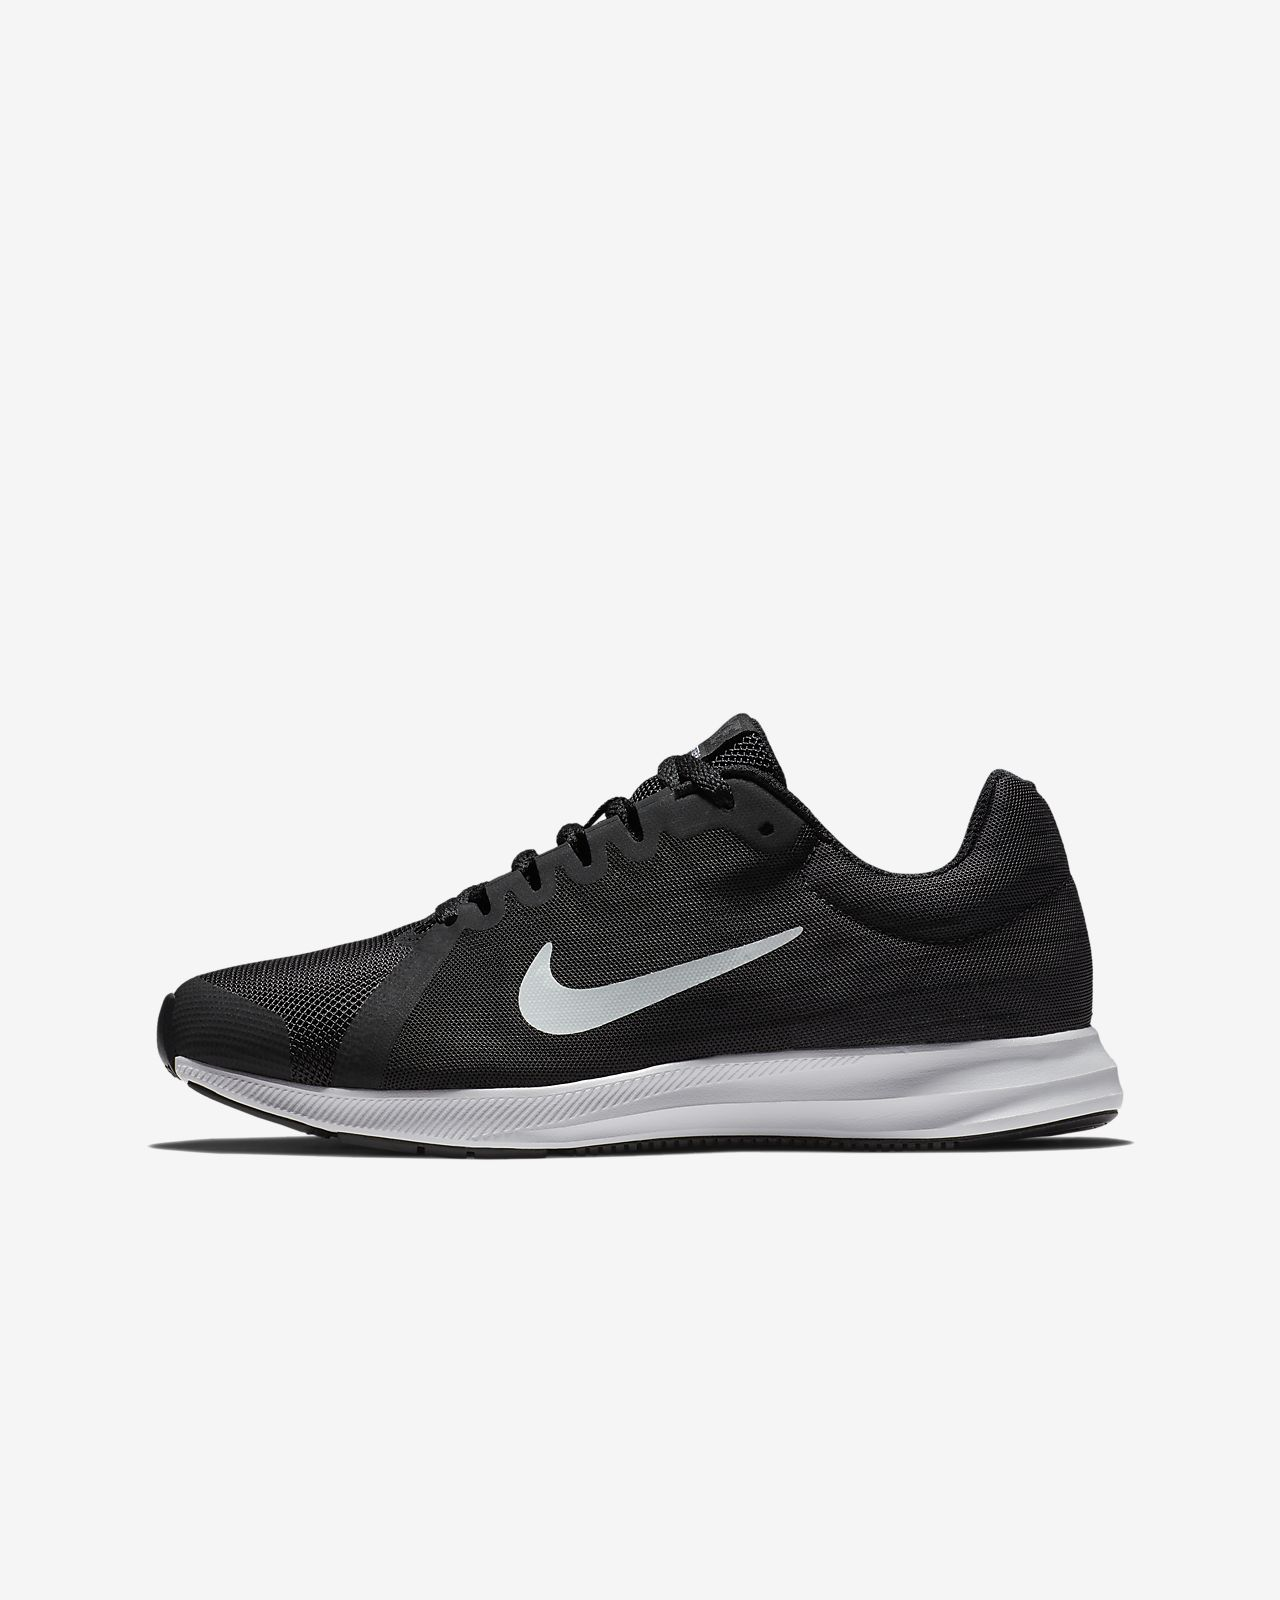 Nike Downshifter 8 (Wide) Big Kids' Running Shoe